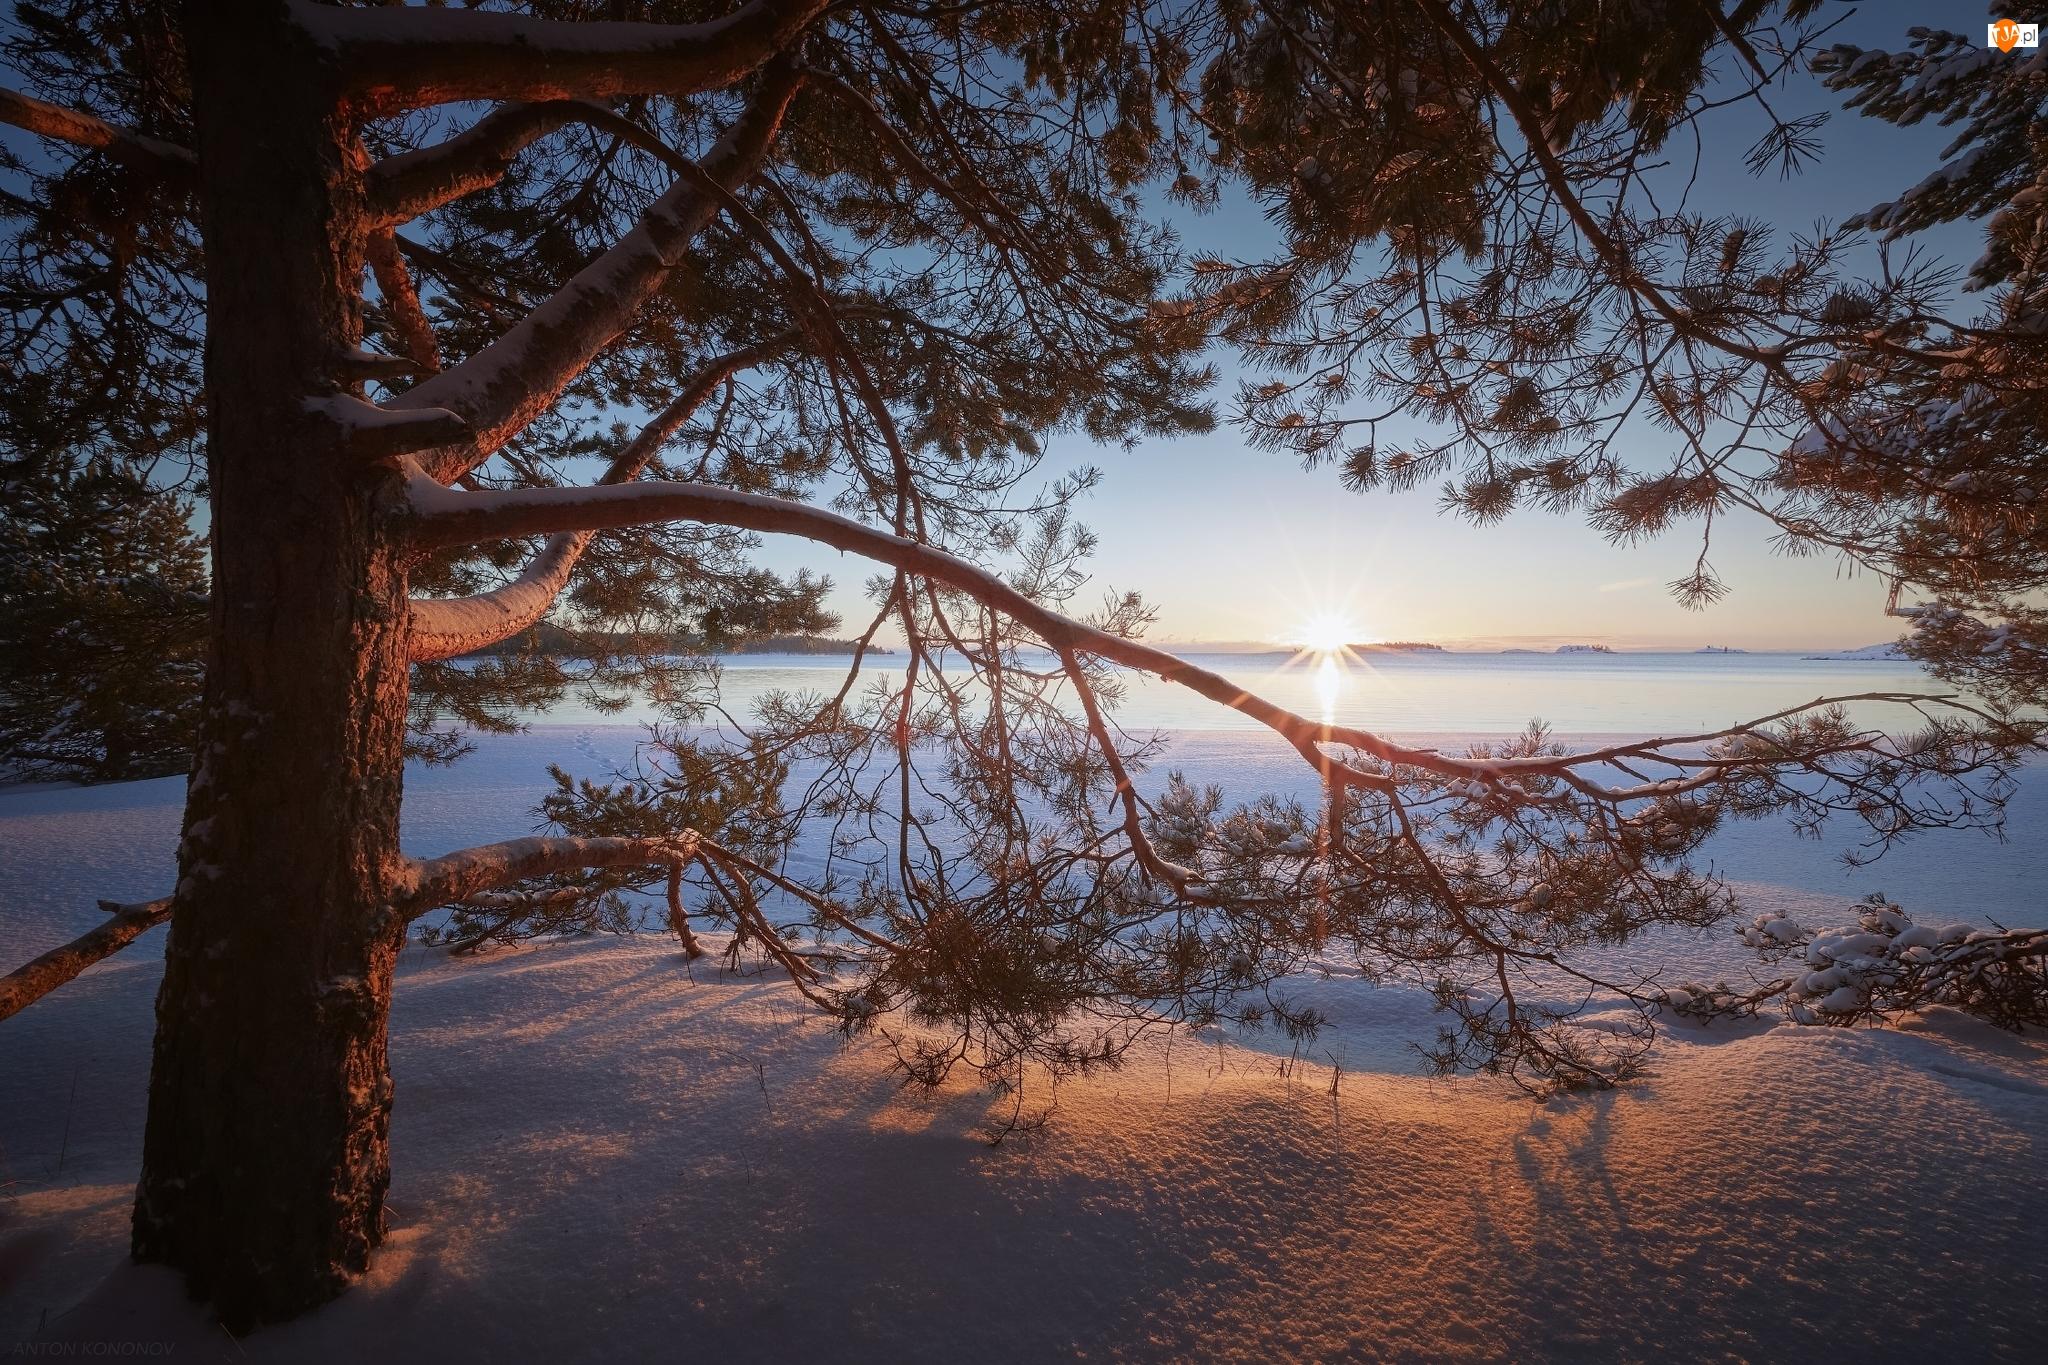 Drzewo, Sosna, Rosja, Zima, Karelia, Promienie słońca, Jezioro Ładoga